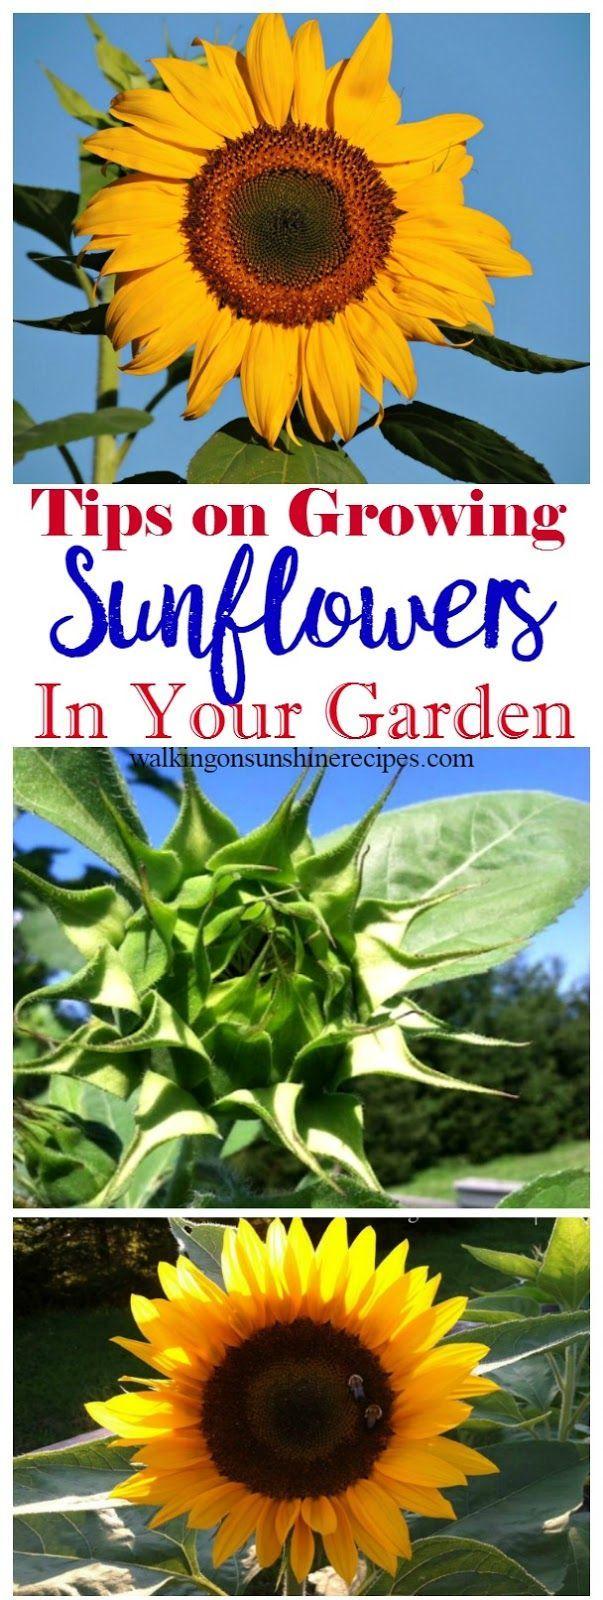 Sunflower Garden Ideas garden ideas plants ideas sun flowers plants 5 Tips For Growing Sunflowers In Your Garden Is This Weeks Thursdays Tip From Walking On